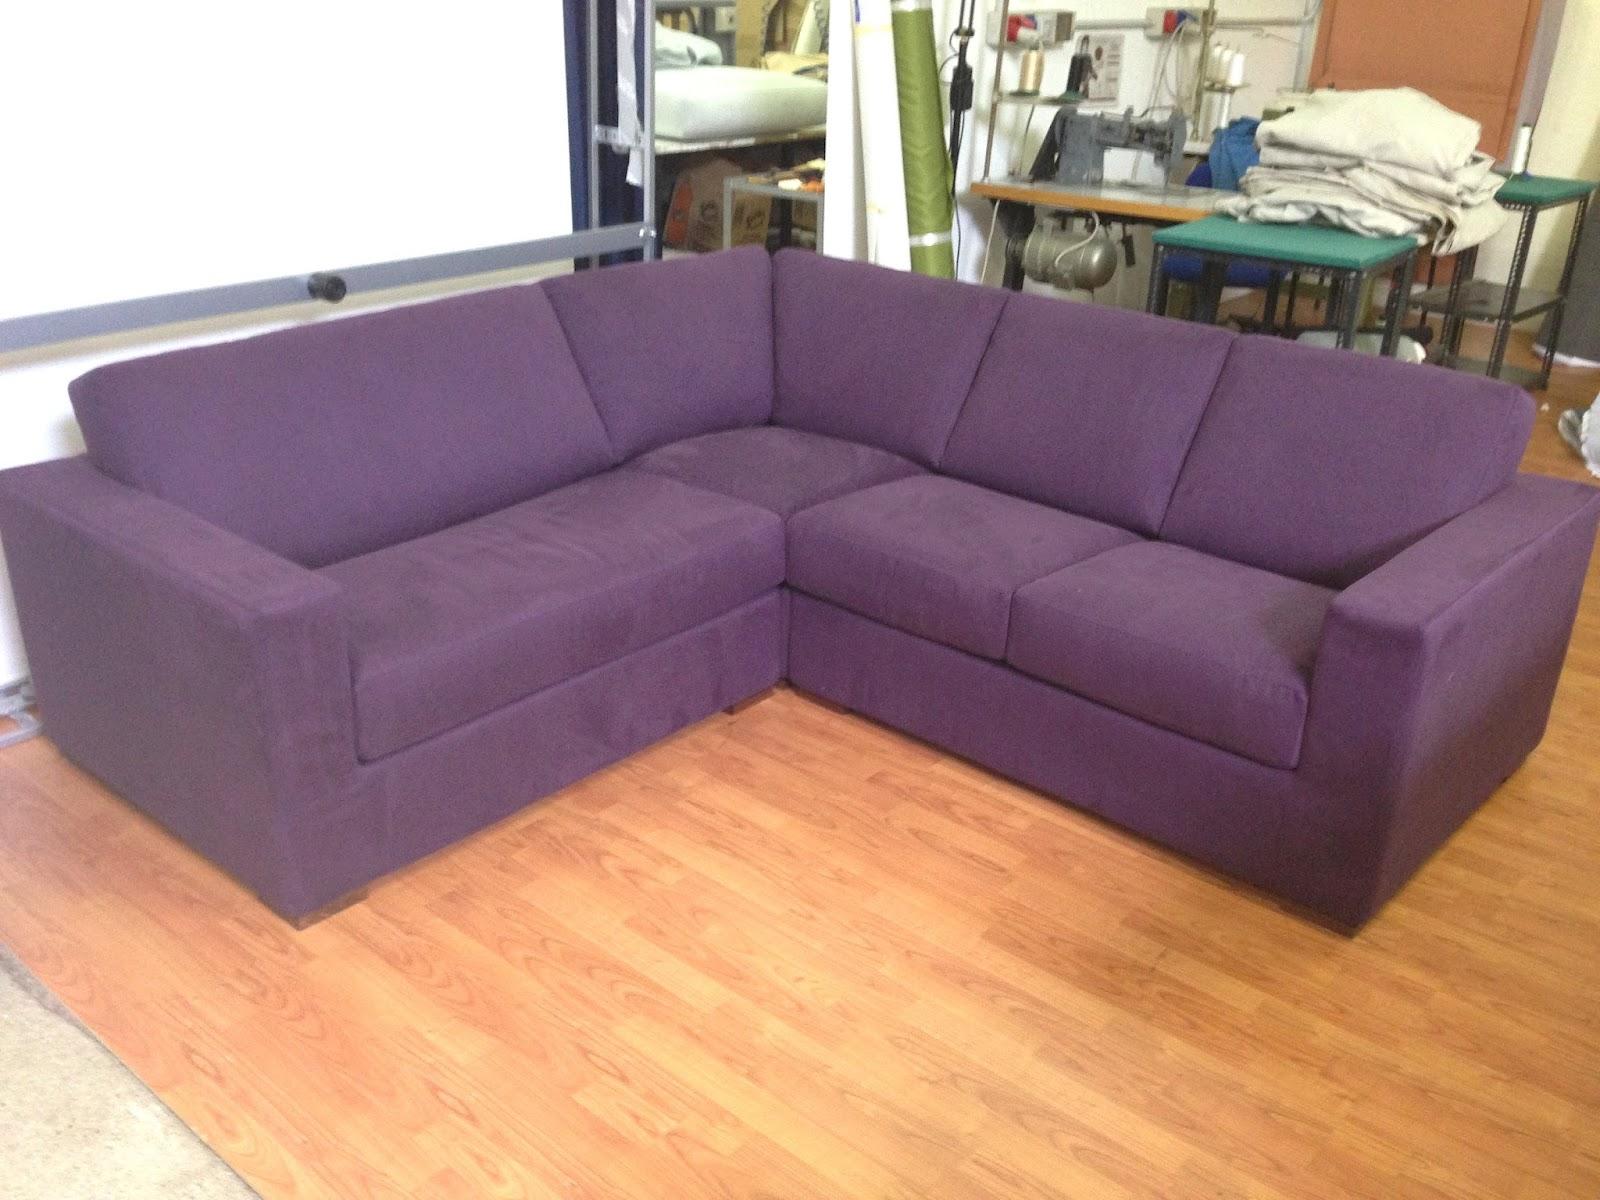 Divani e divani letto su misura divano angolare su misura - Microfibra divano ...